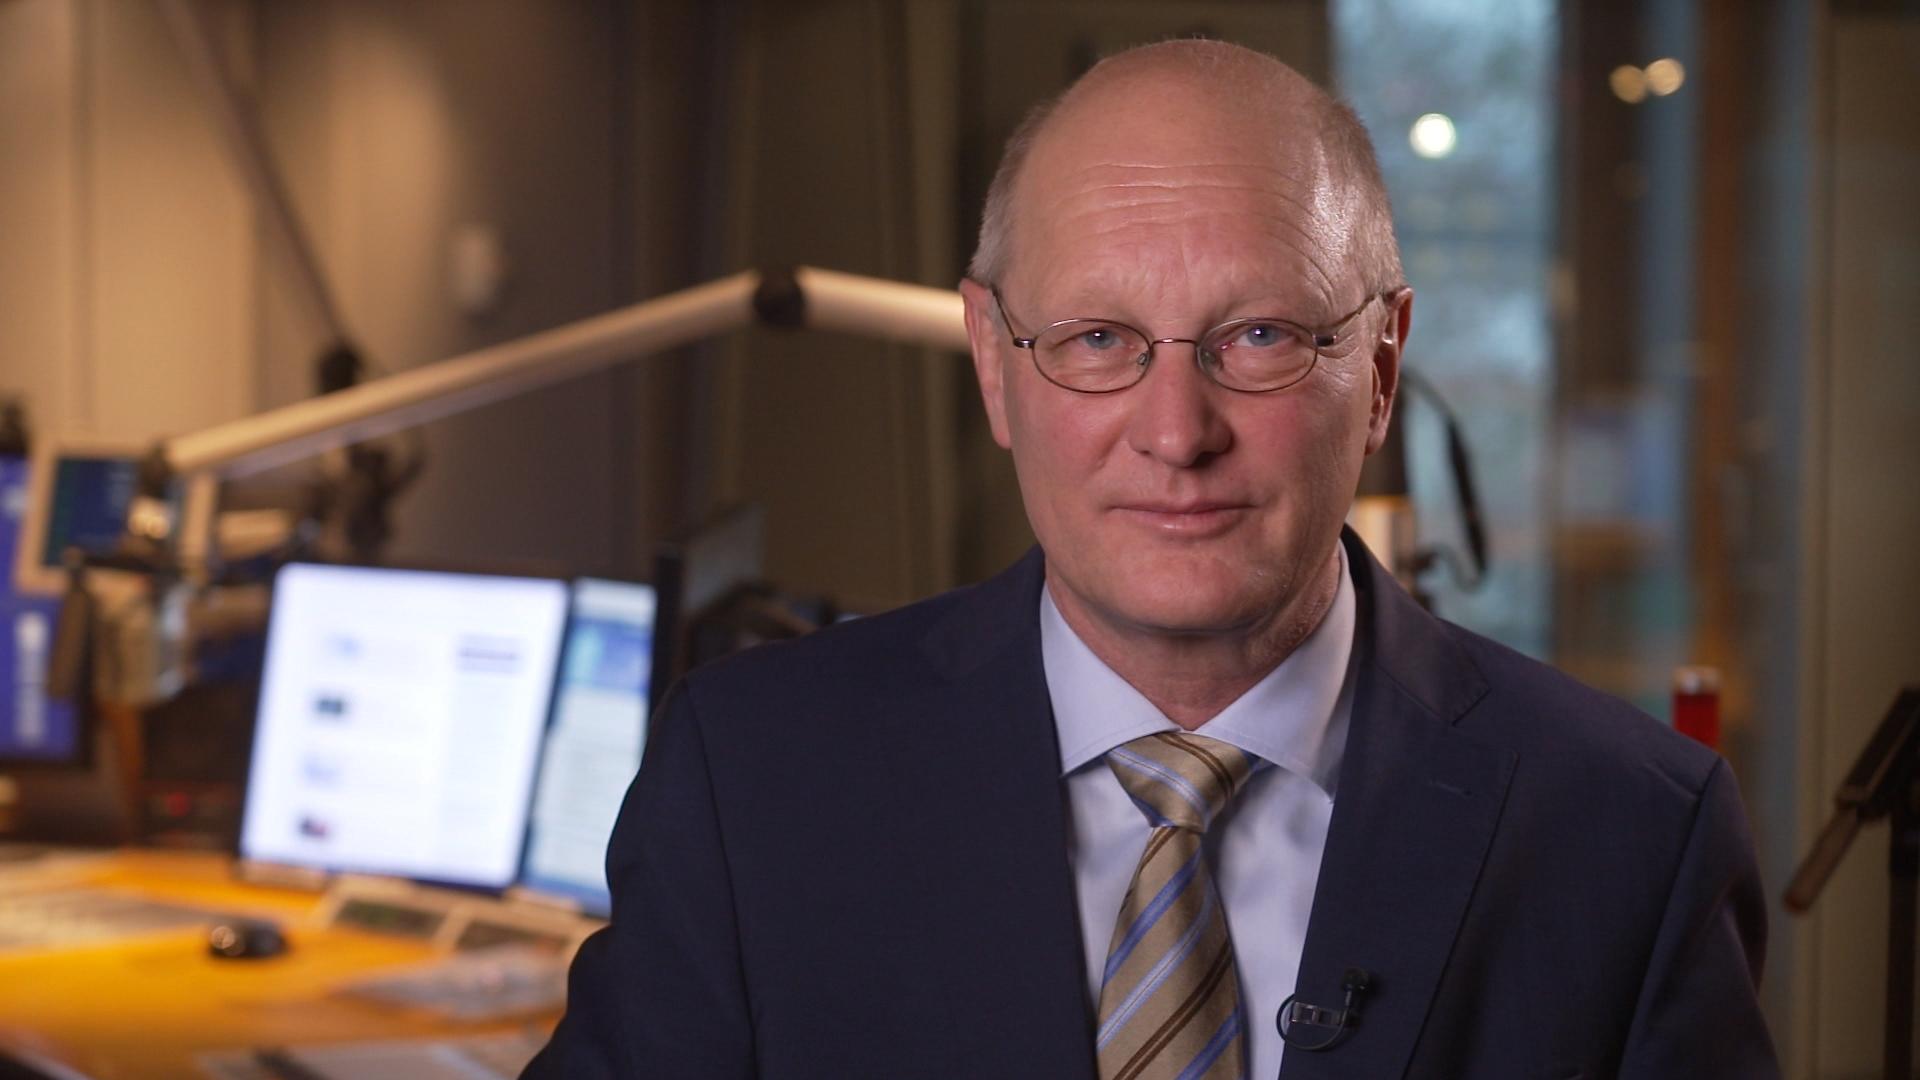 NDR-Intendant Joachim Knuth blickt auf 2020 zurück und präsentiert die diesjährigen Förderungen der Deutsche Fernsehlotterie